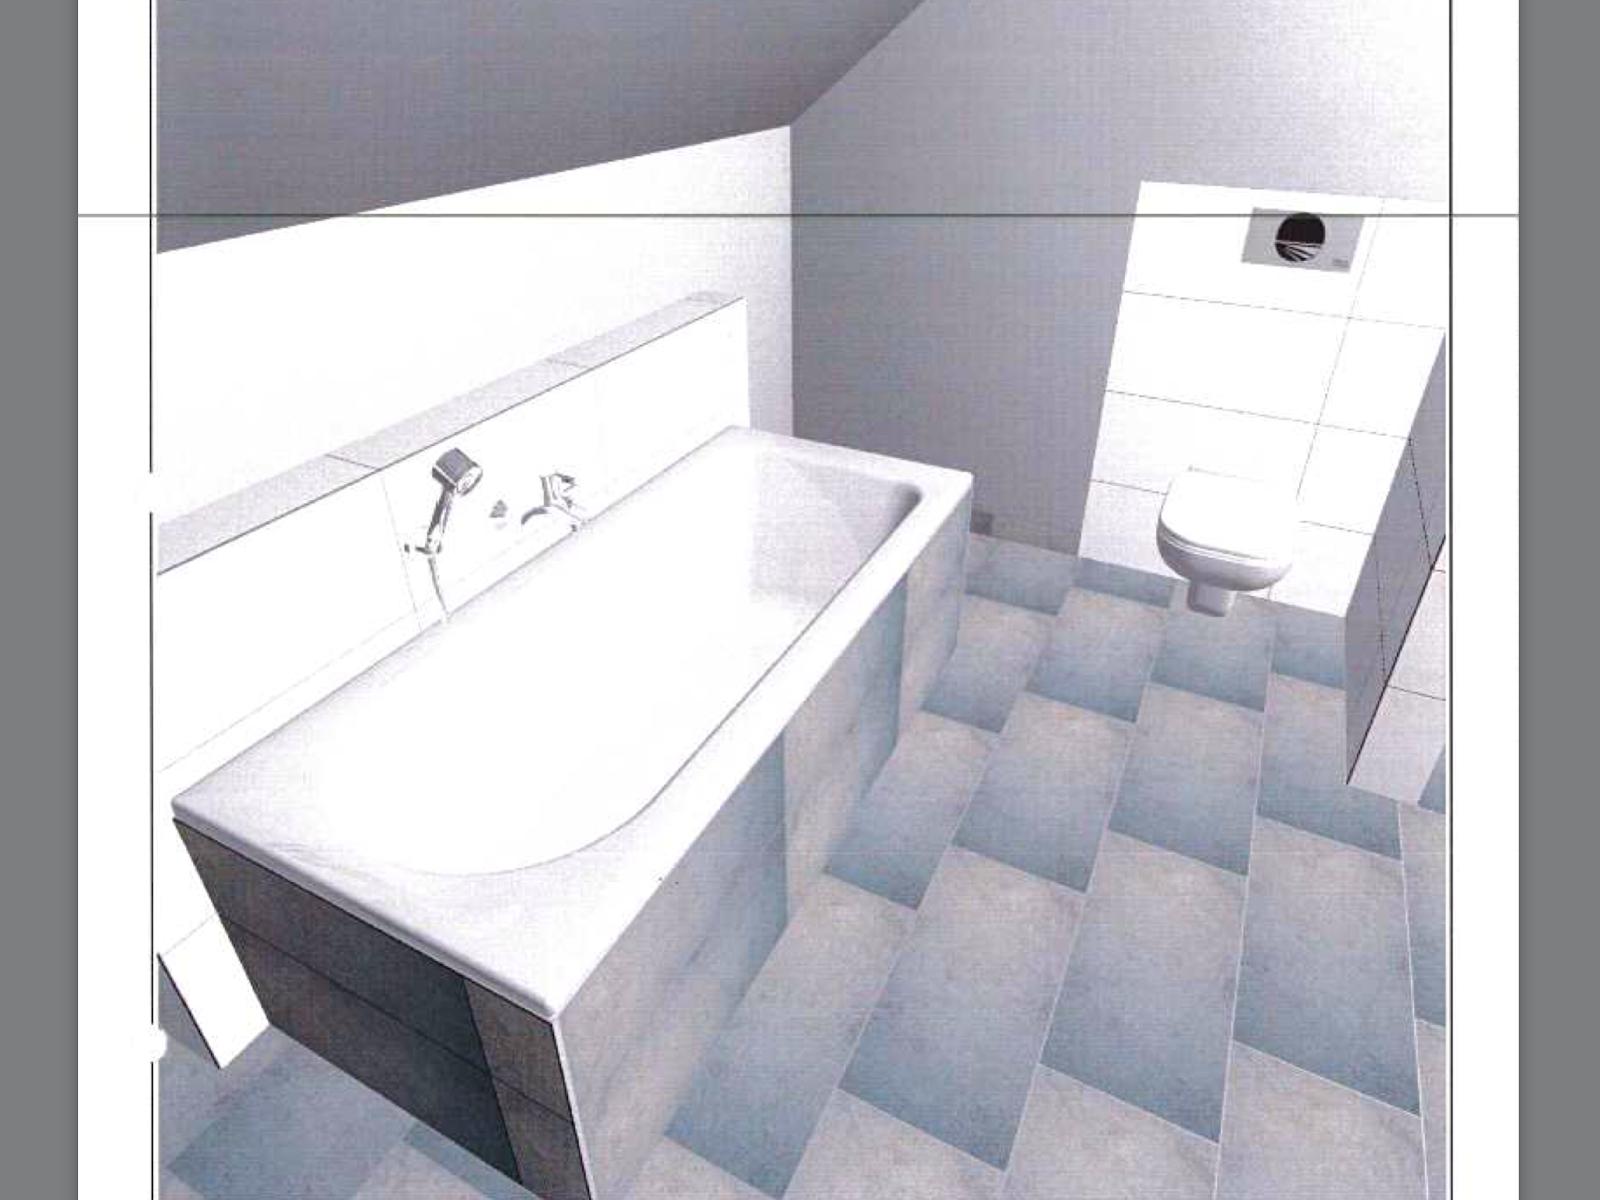 vio 302 von fingerhaus in wuppertal unser bautagebuch dezember 2013. Black Bedroom Furniture Sets. Home Design Ideas